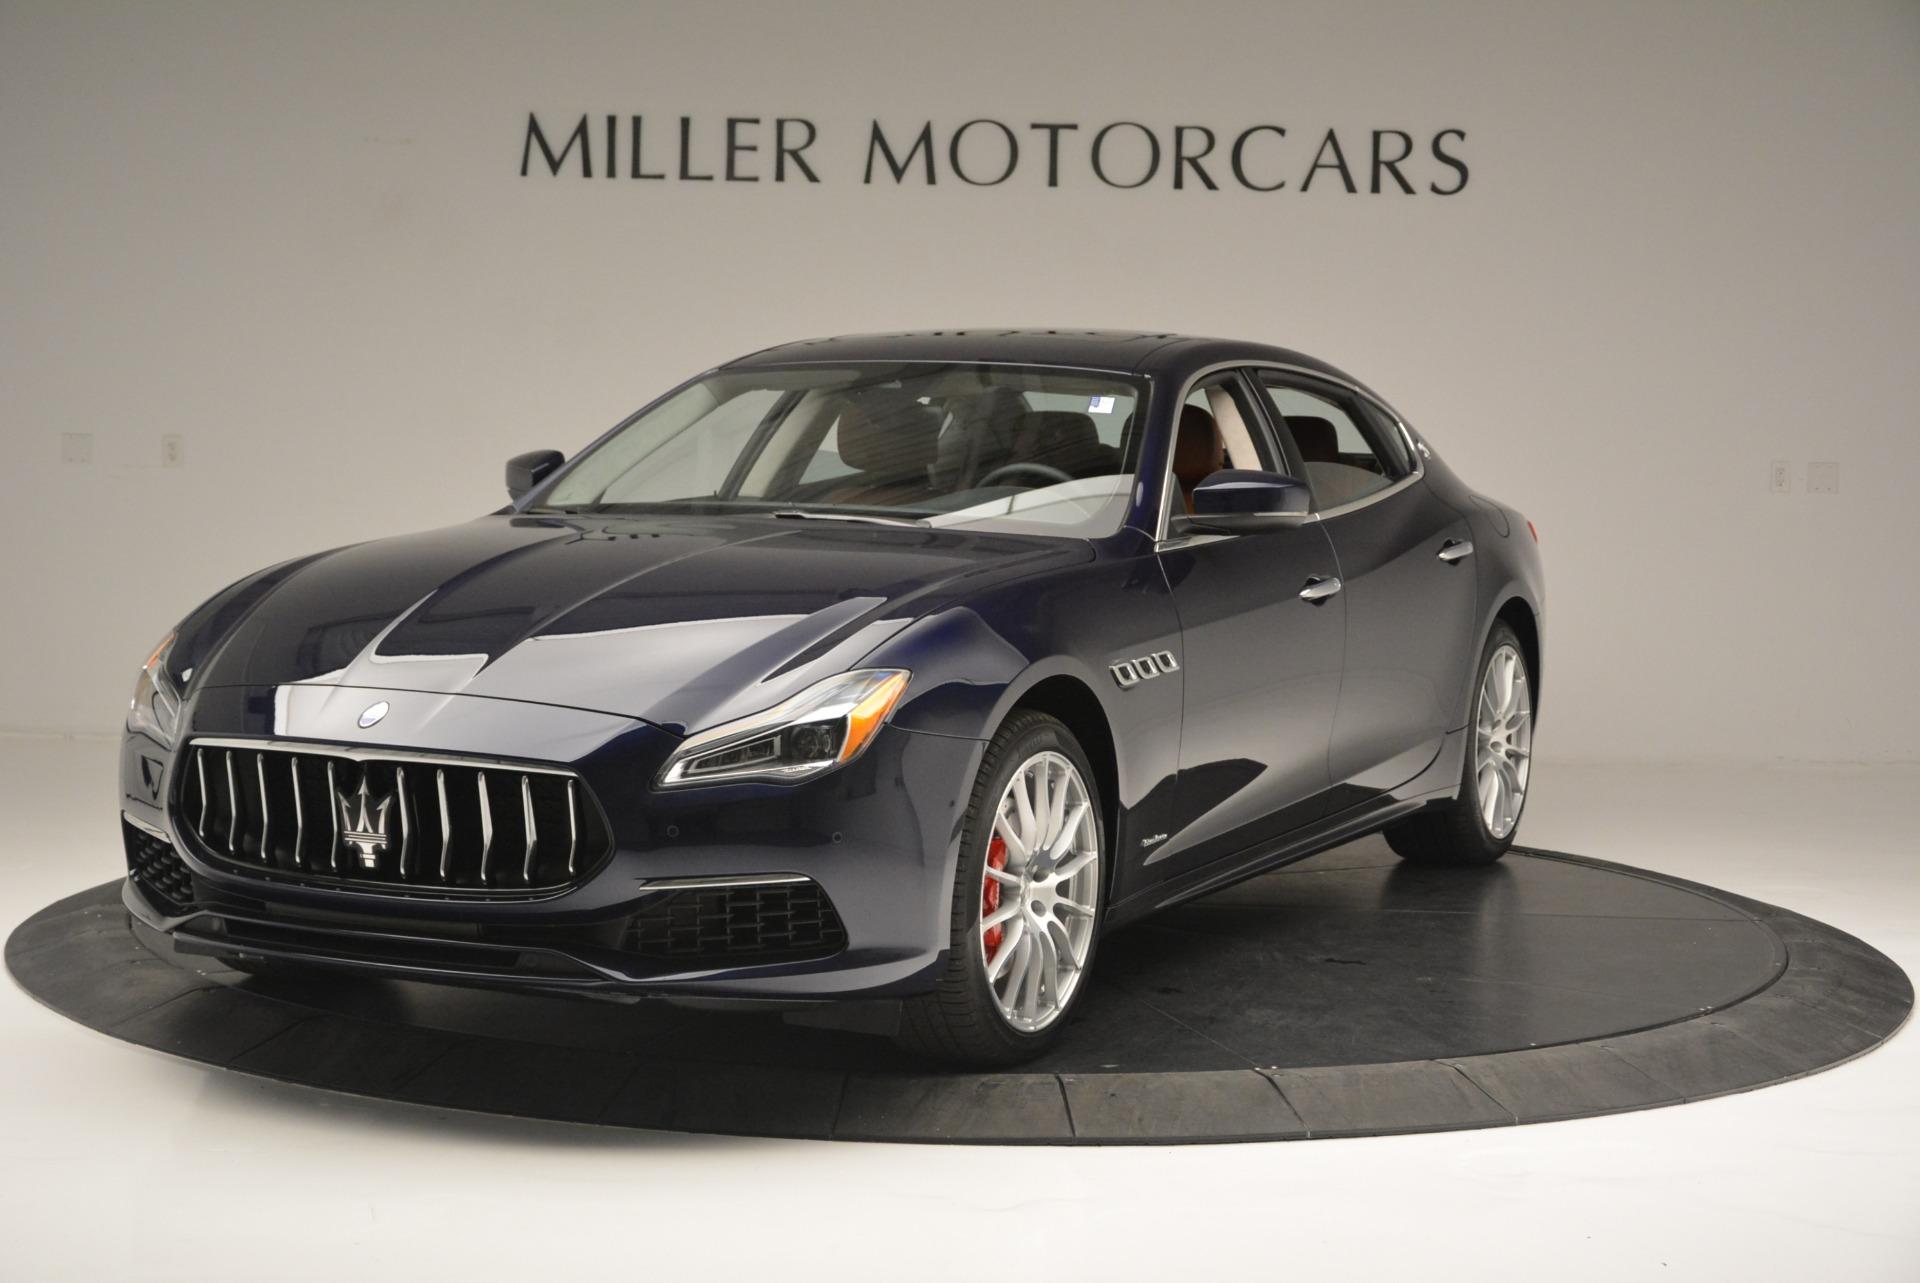 New 2018 Maserati Quattroporte S Q4 GranLusso For Sale In Greenwich, CT 1859_main